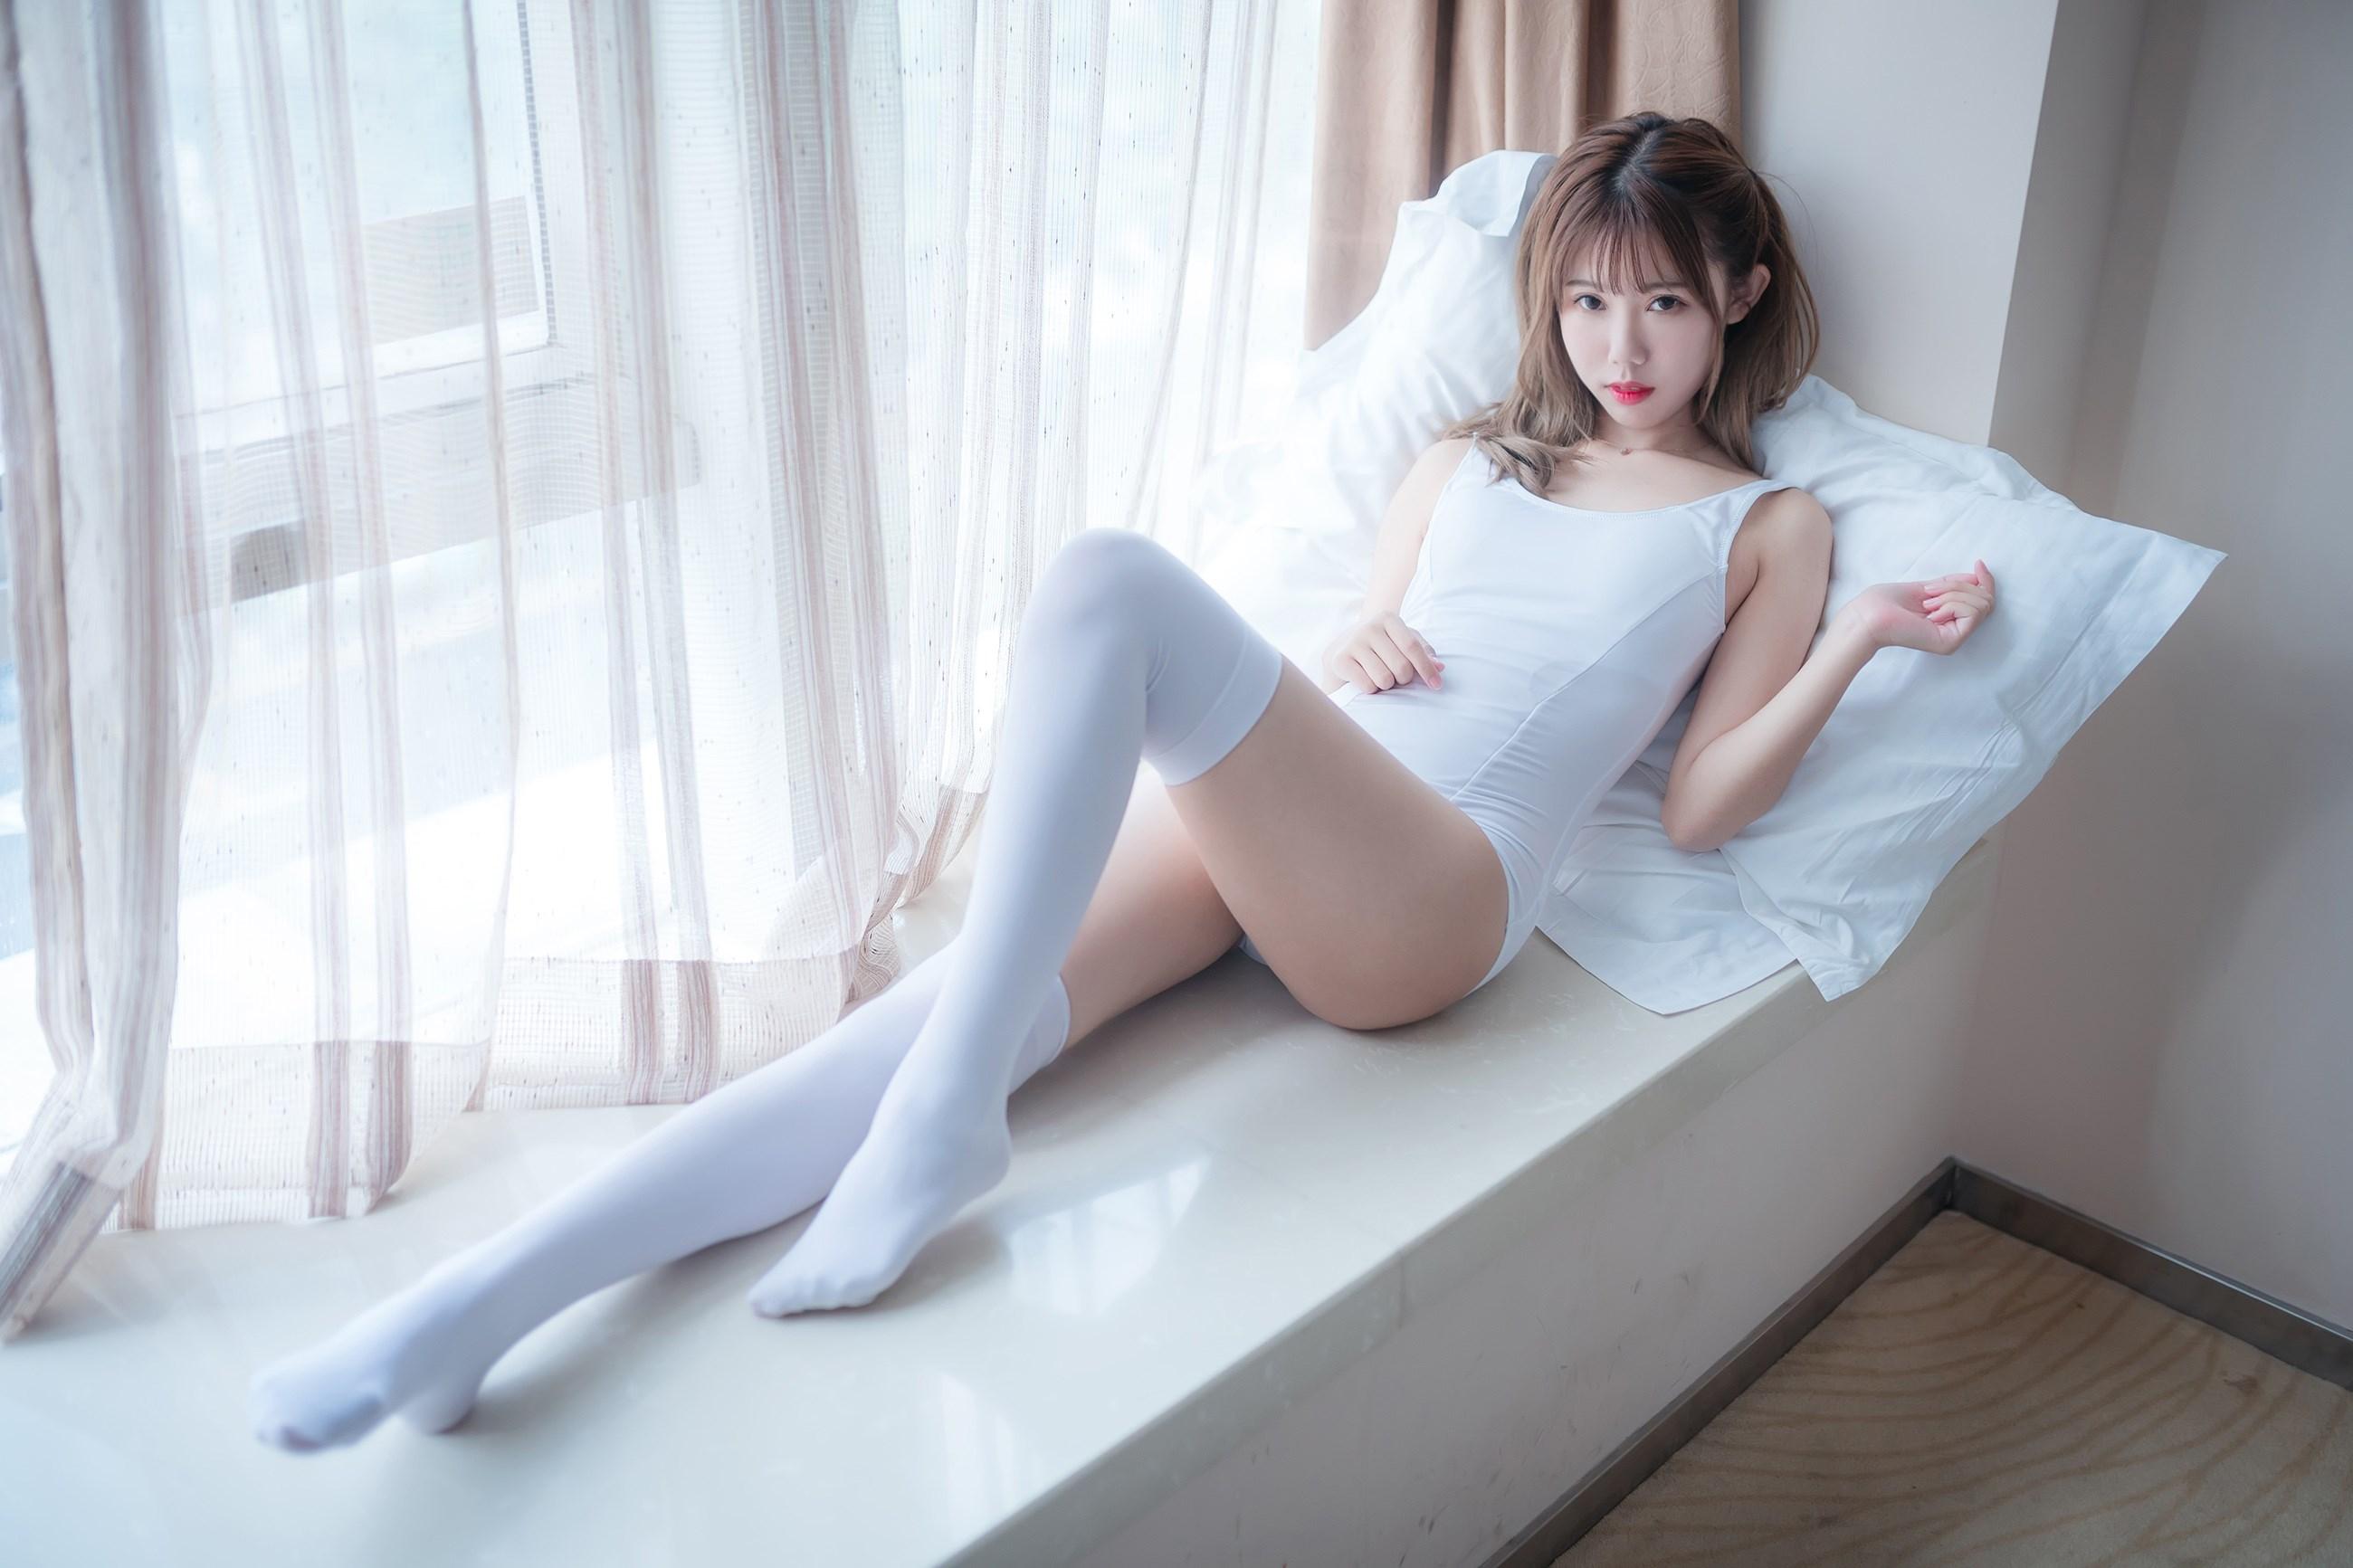 【兔玩映画】vol.09-纯白色 兔玩映画 第32张